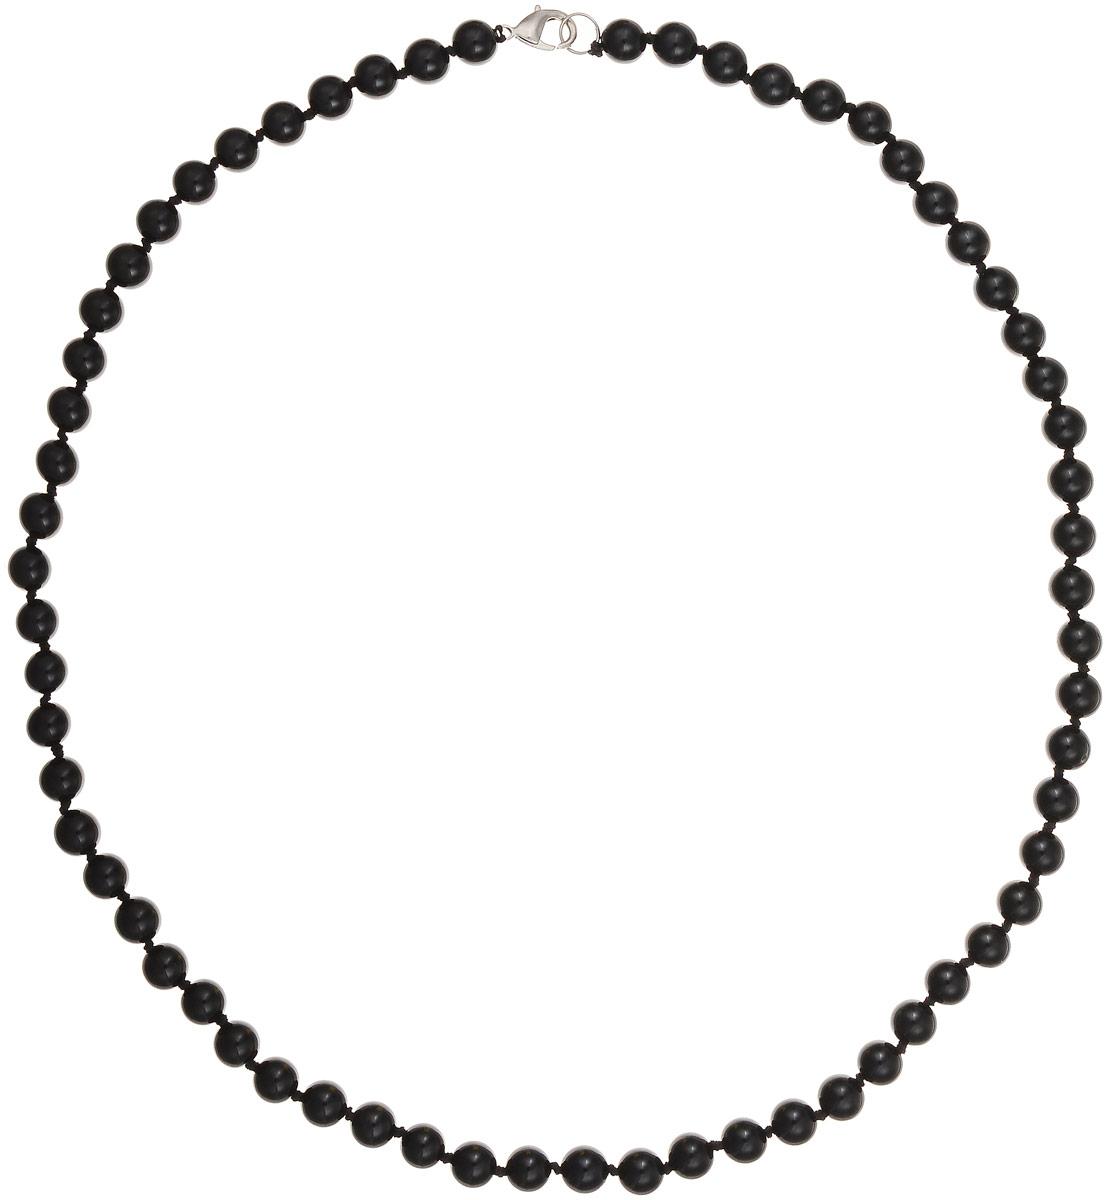 Бусы Art-Silver, цвет: черный, длина 60 см. ЧА8-60-309Бусы-ниткаБусы Art-Silver выполнены из натурального агата, нанизанного на текстильную нить. Украшение застегивается на практичный карабин из бижутерного сплава. Бусины диаметром 7 мм имеют благородный черный цвет, характерный для агата. Такие бусы украсят как вечерний, так и повседневный наряд.